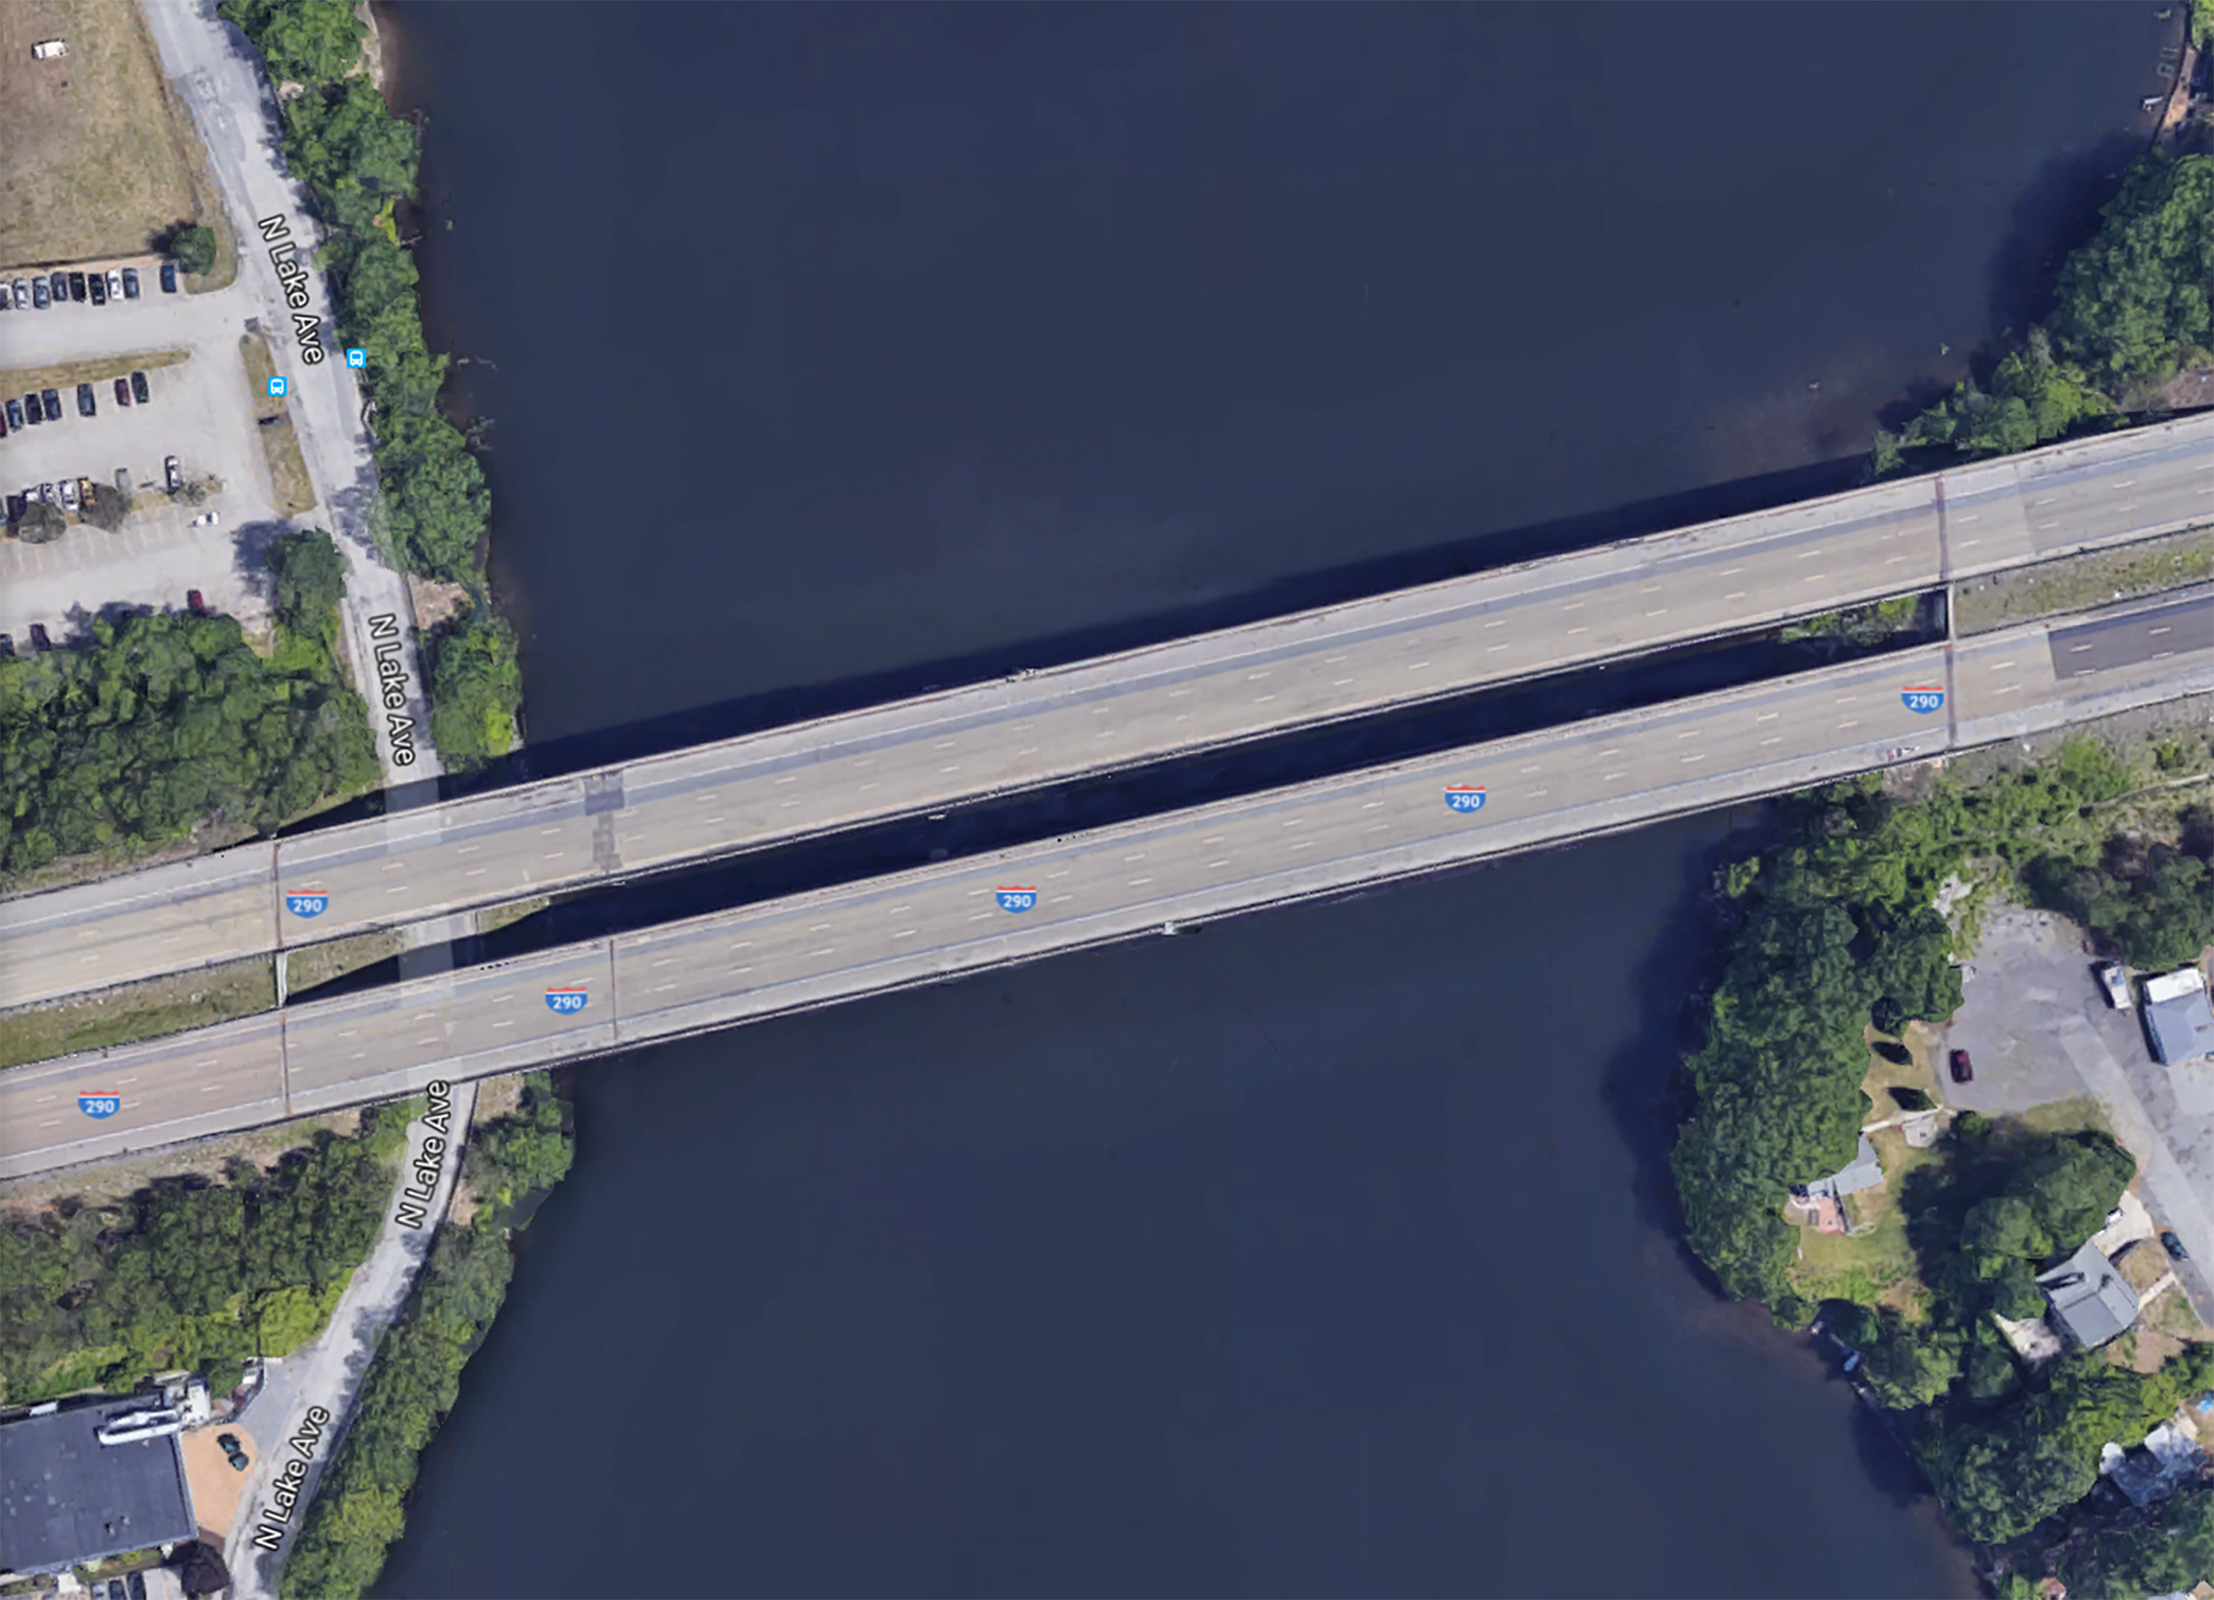 The I-290 bridge over Lake Quinsigamond